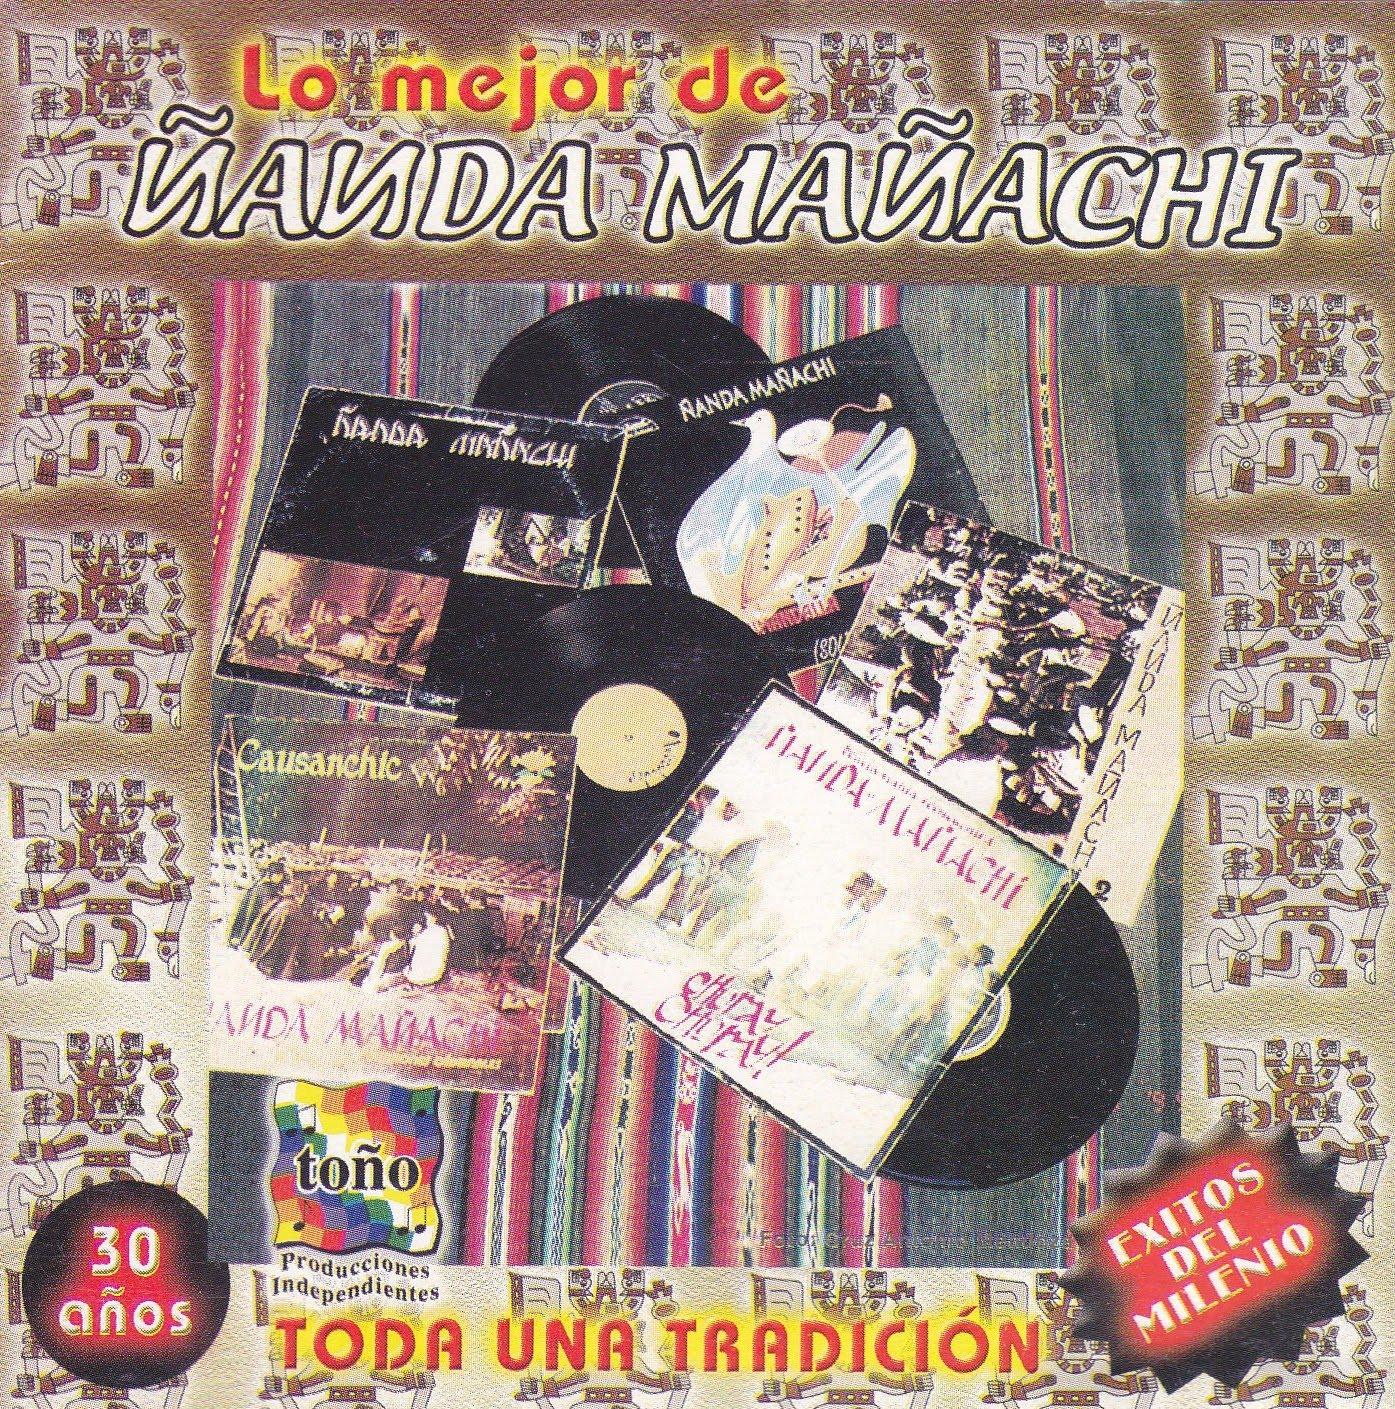 cd música grupo Nanda Manachi Nanda_manachi-lo_mejor_de_nanda_manachi